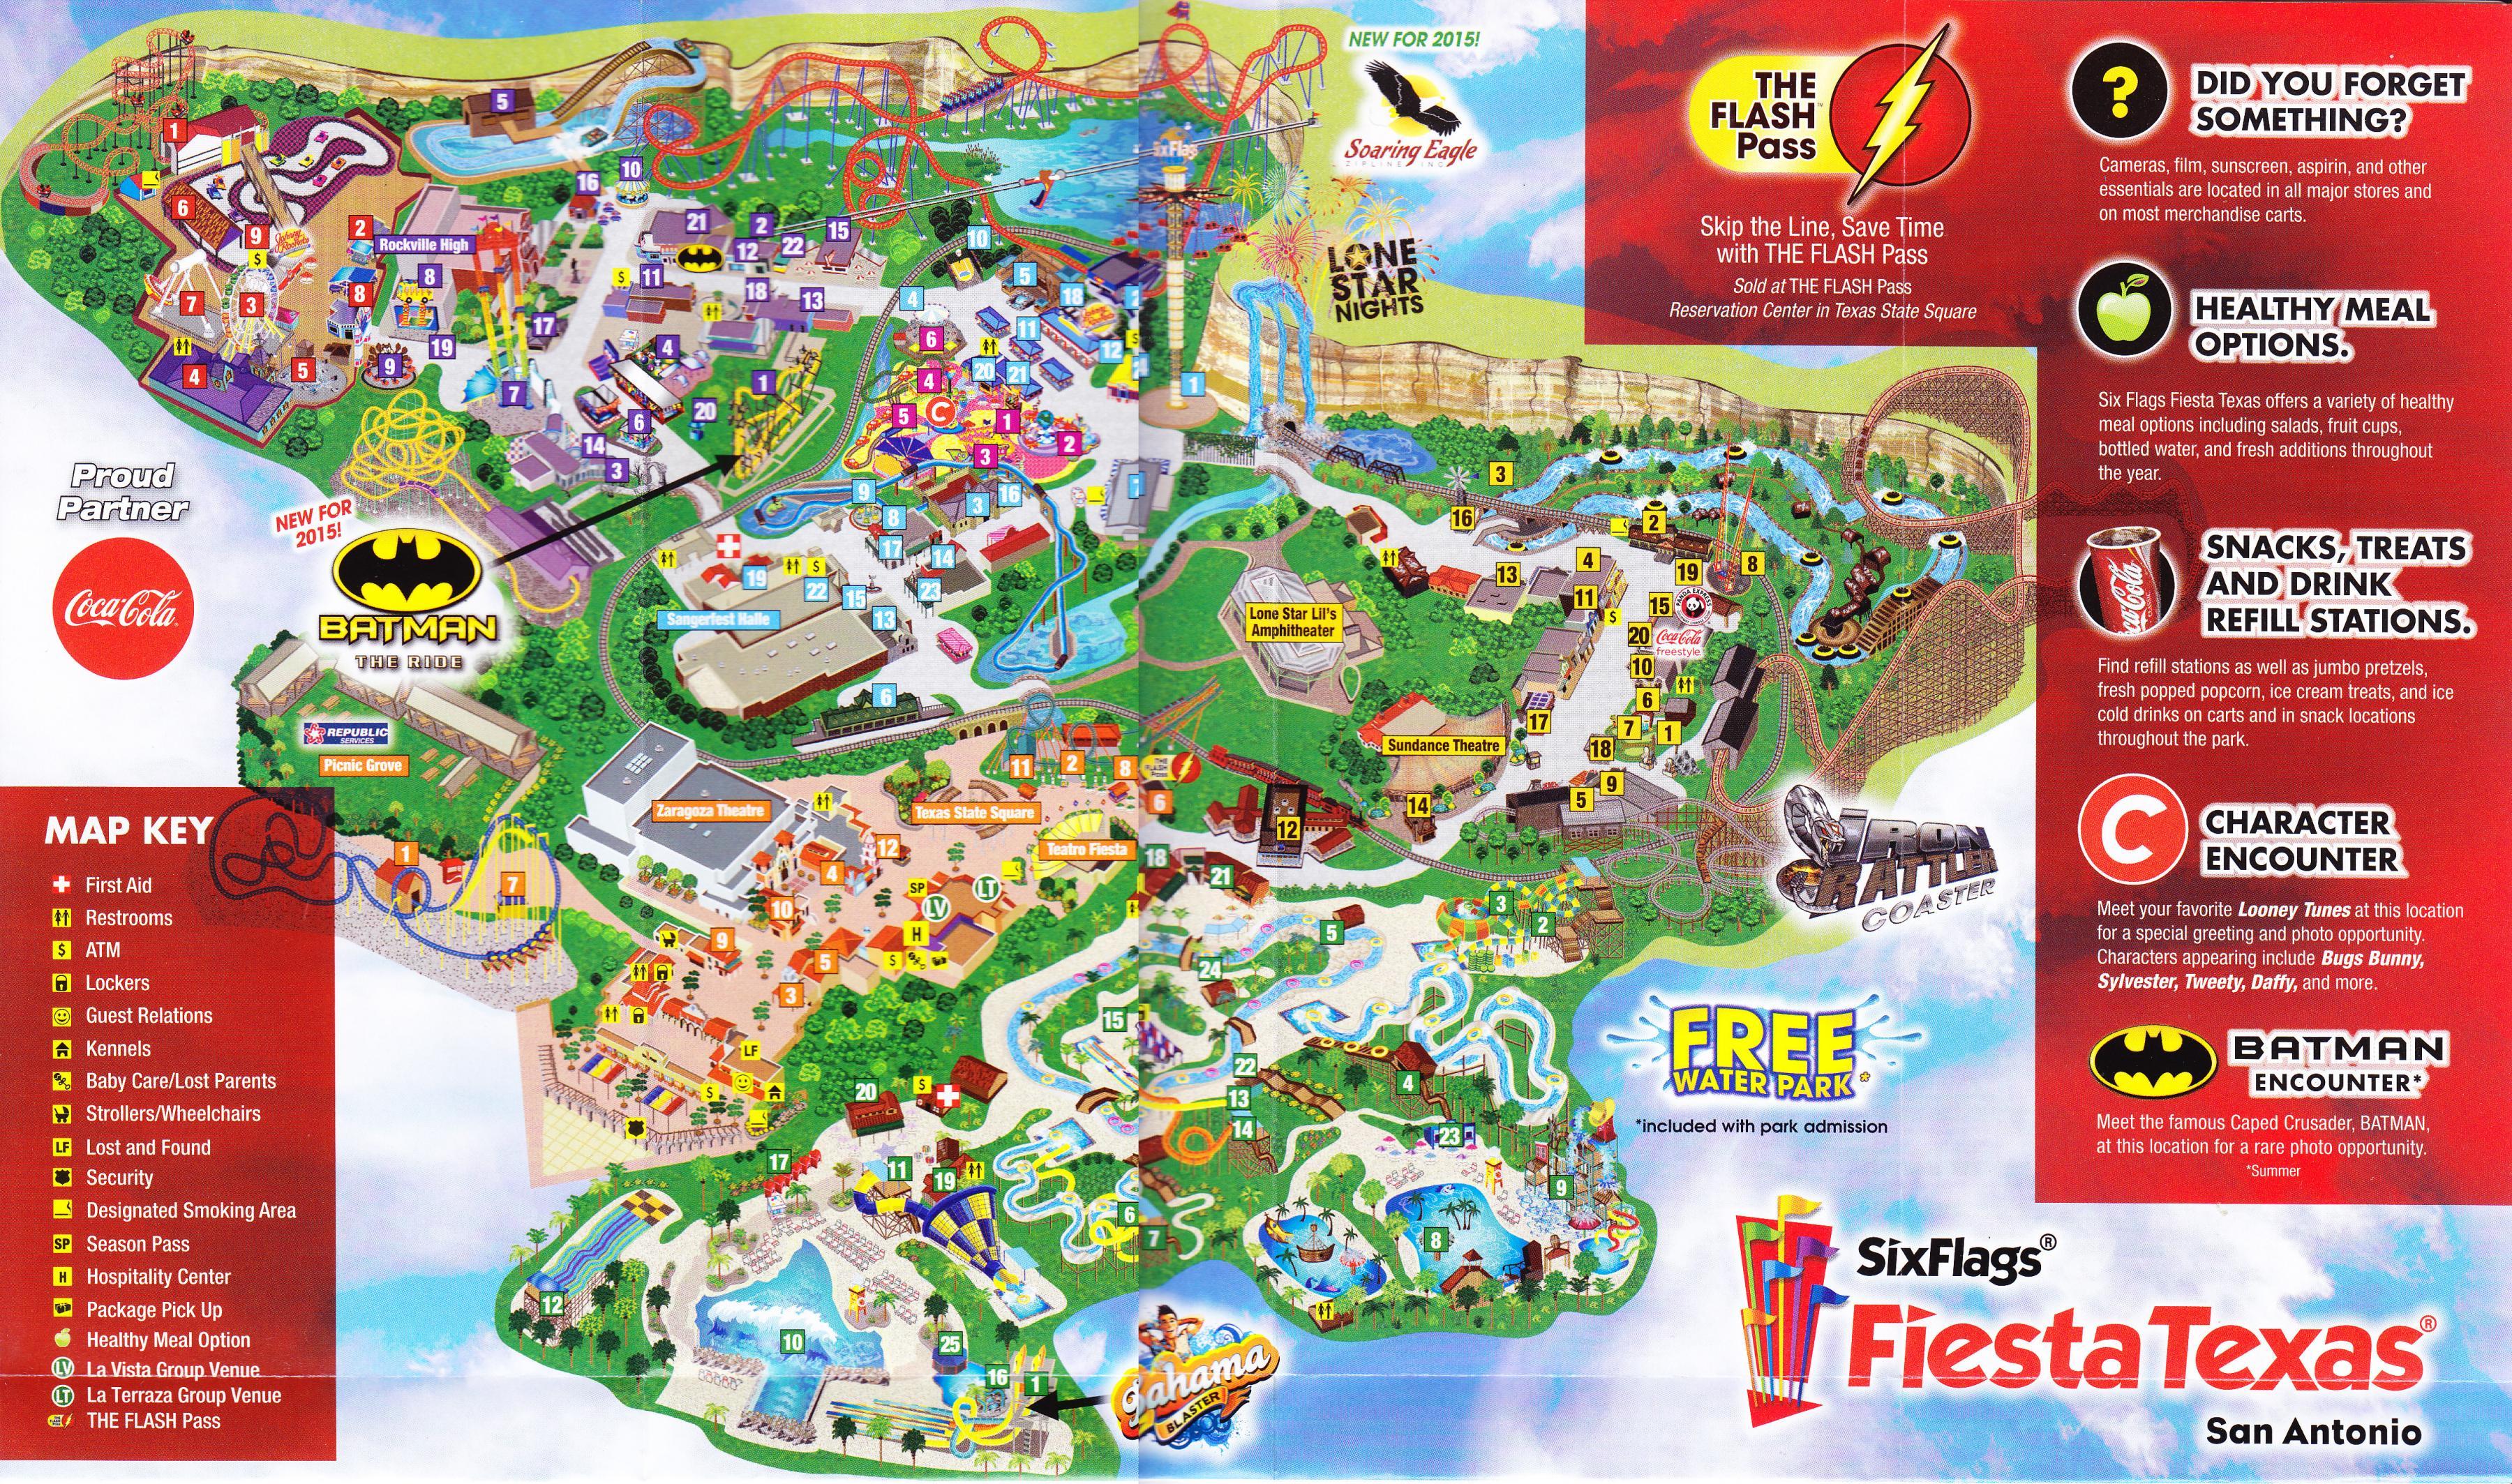 Six Flags Fiesta Texas Carte - Six Flags De San Antonio De La Carte - Six Flags Fiesta Texas Map 2018